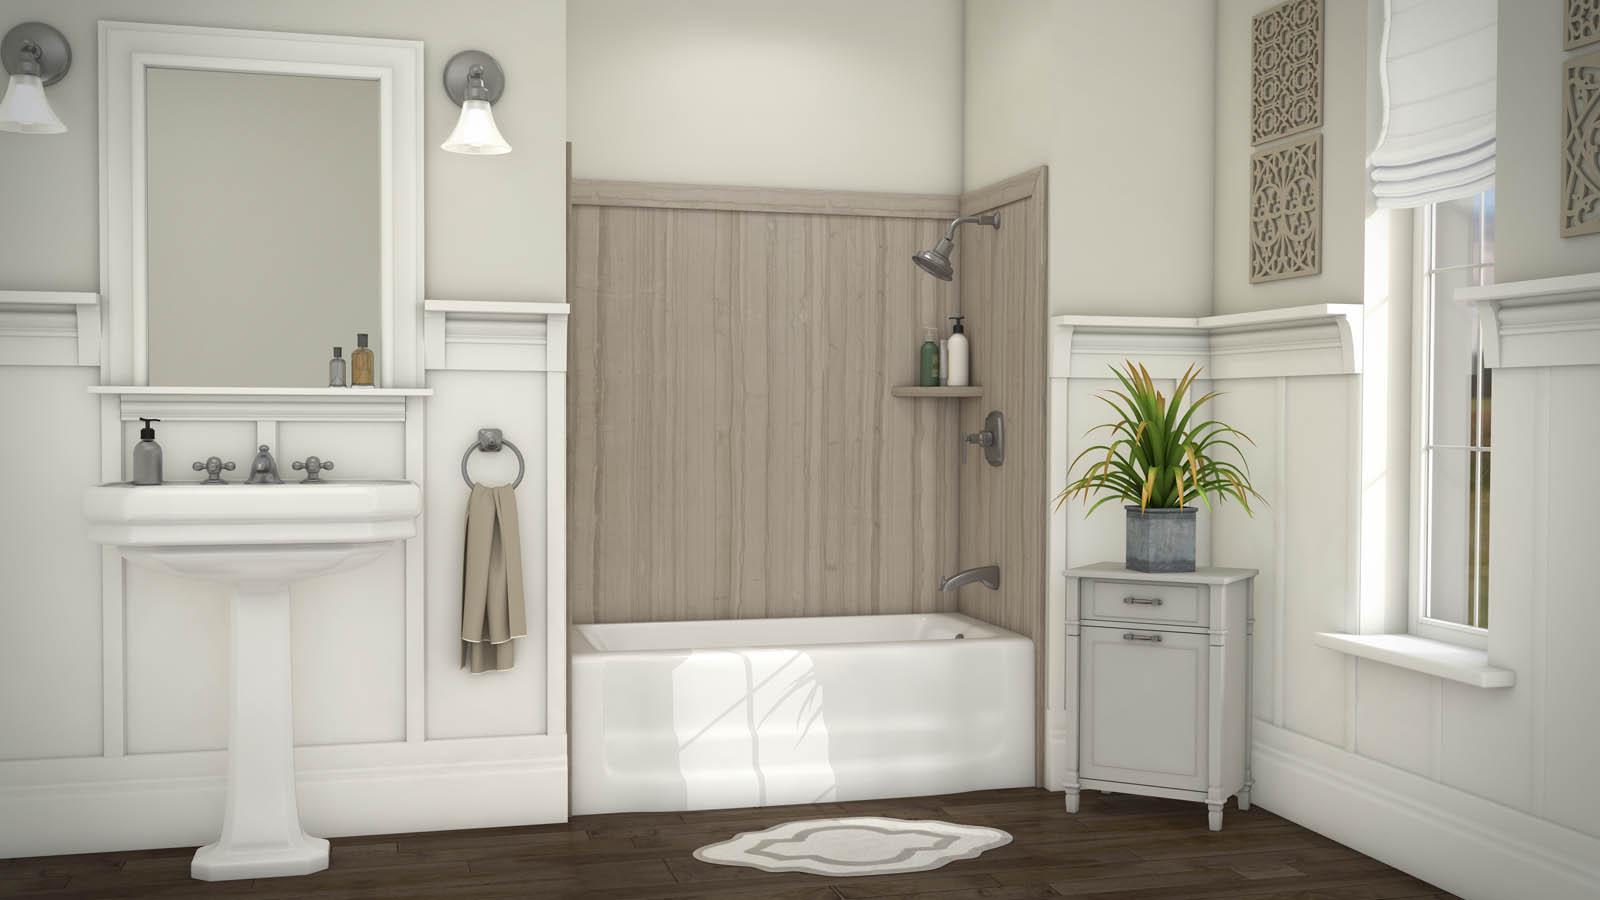 Athens elite full leak detection drain cleaning for Bathroom remodel henderson nv